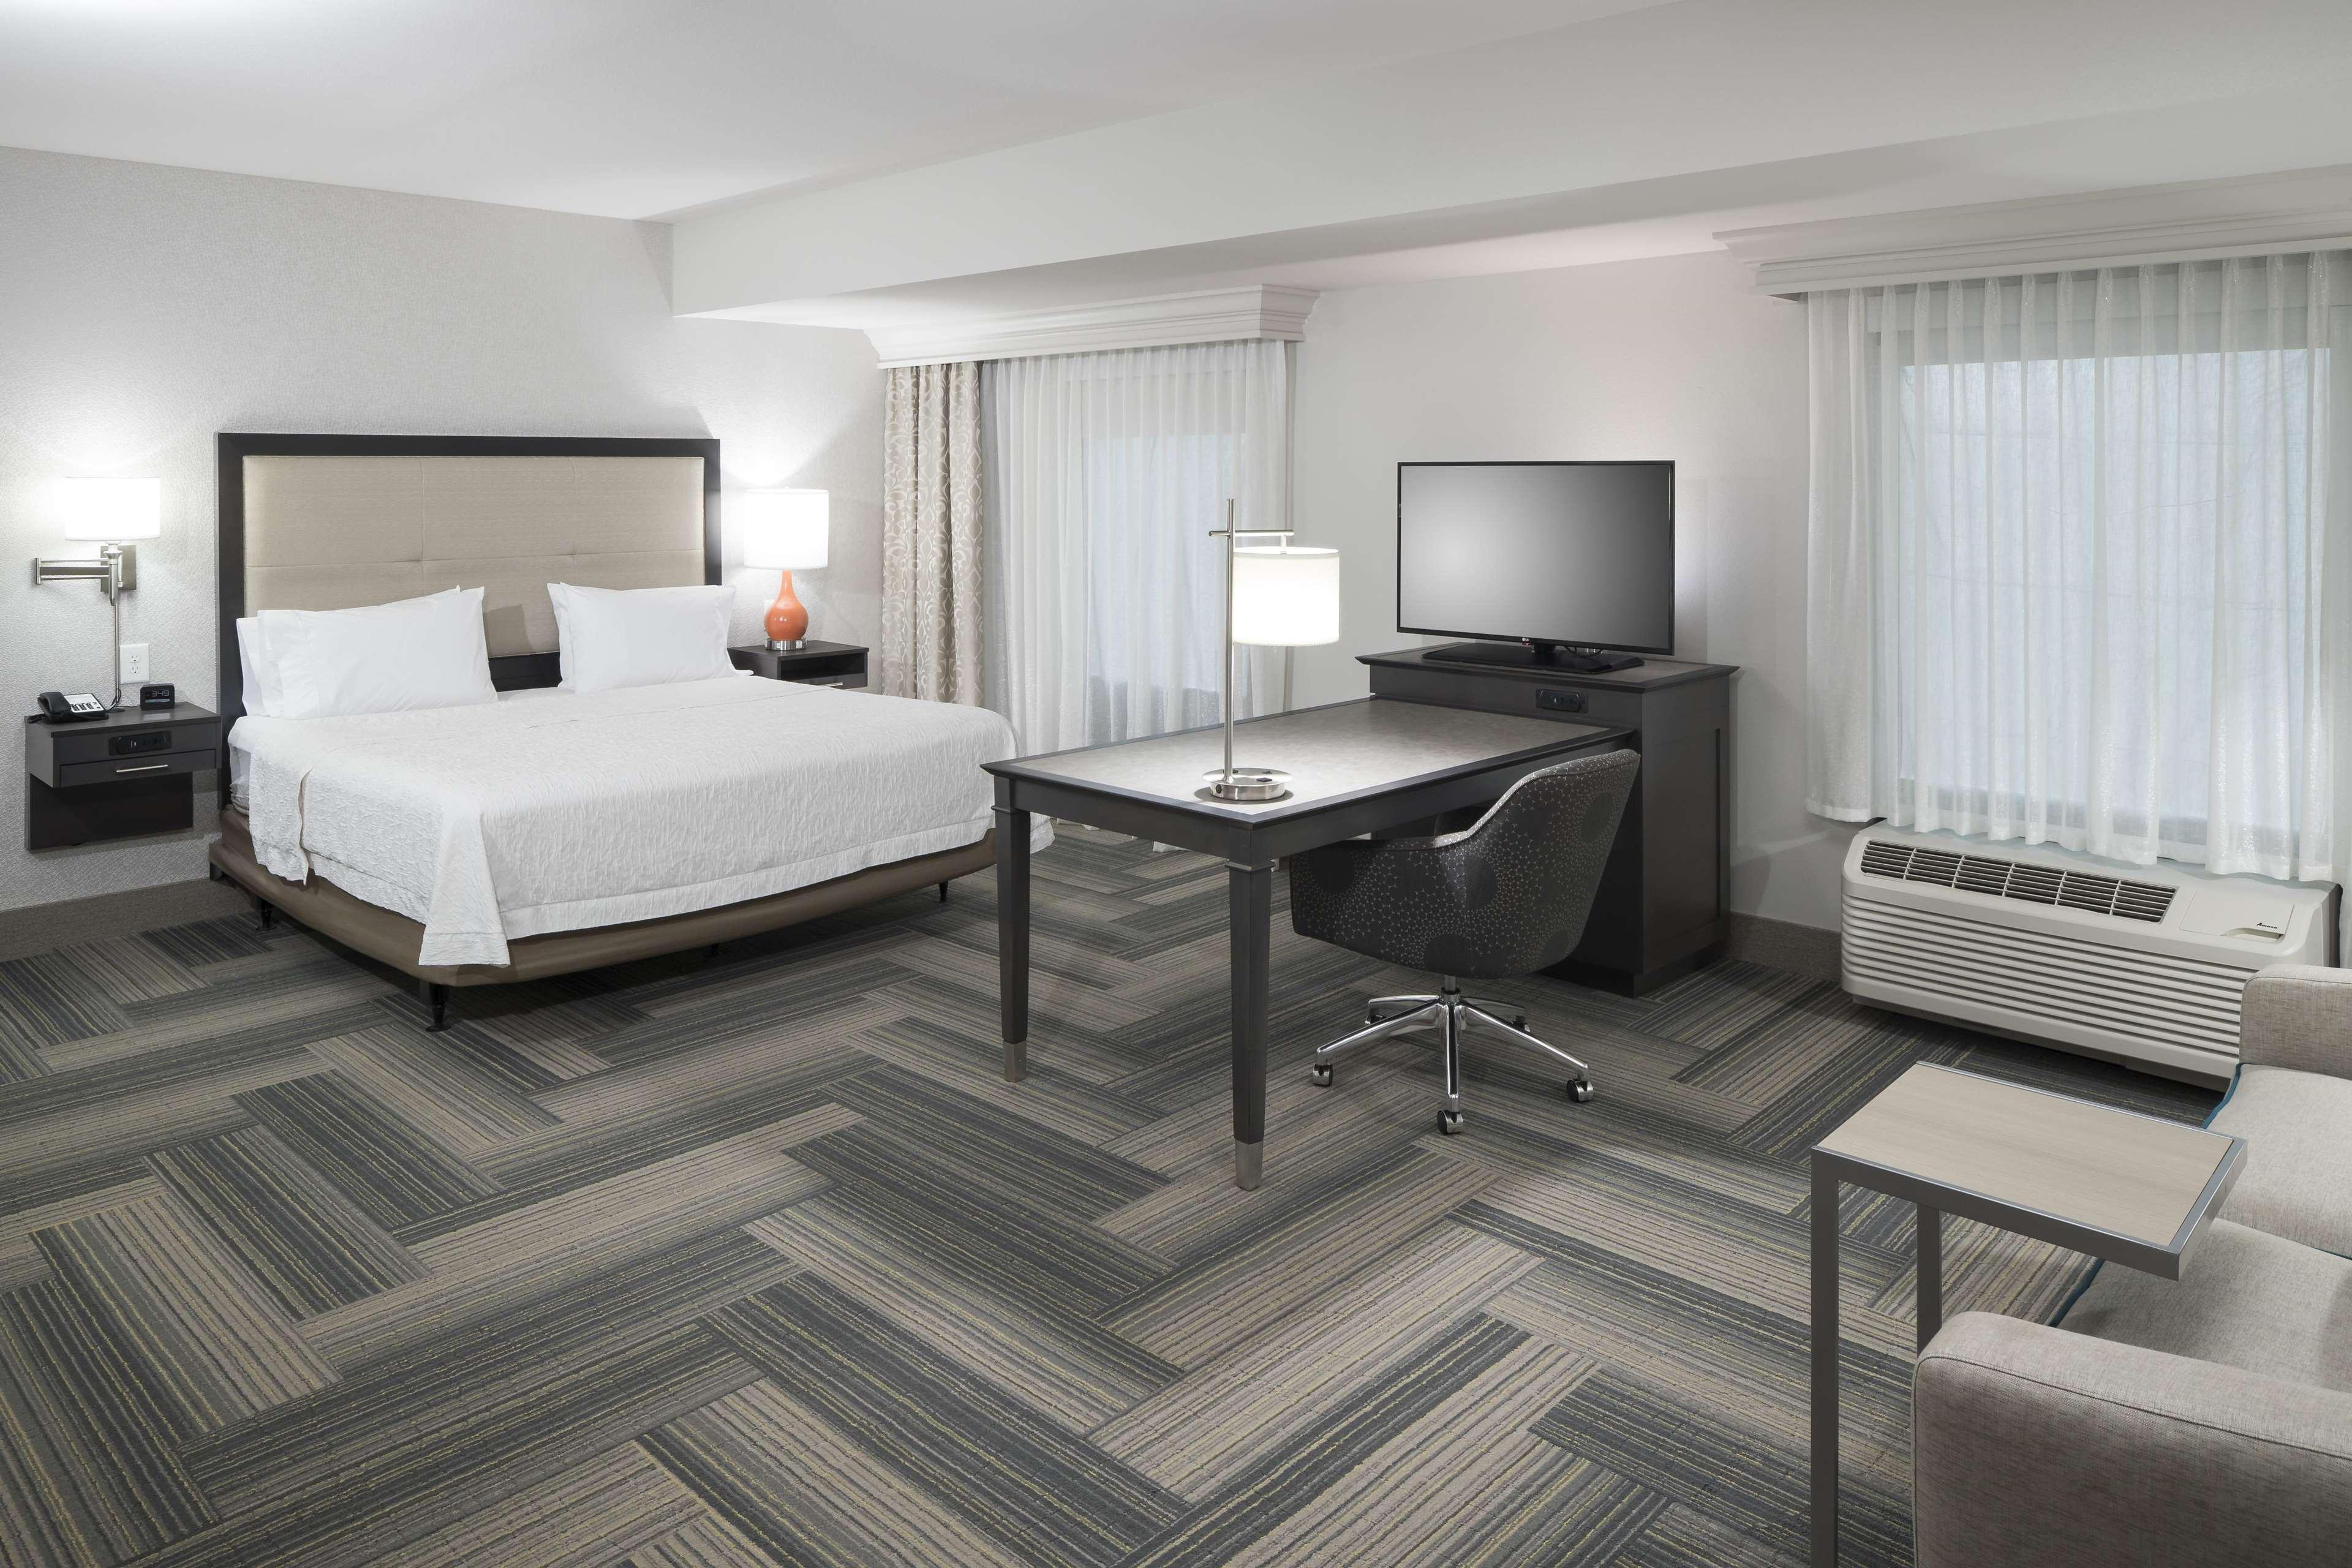 Hampton Inn & Suites by Hilton Atlanta Perimeter Dunwoody image 22